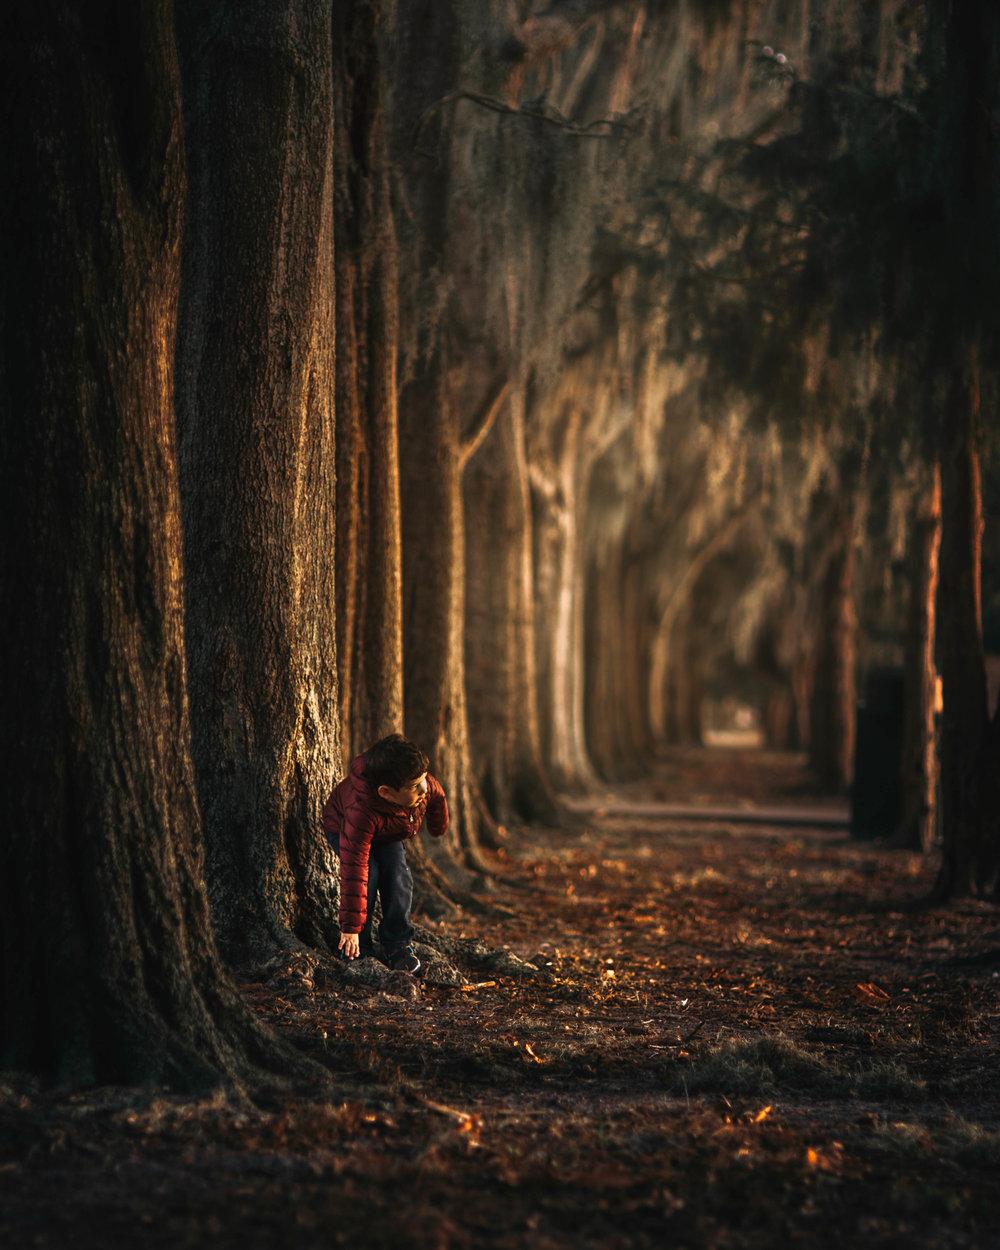 lighttreesFINAL.jpg